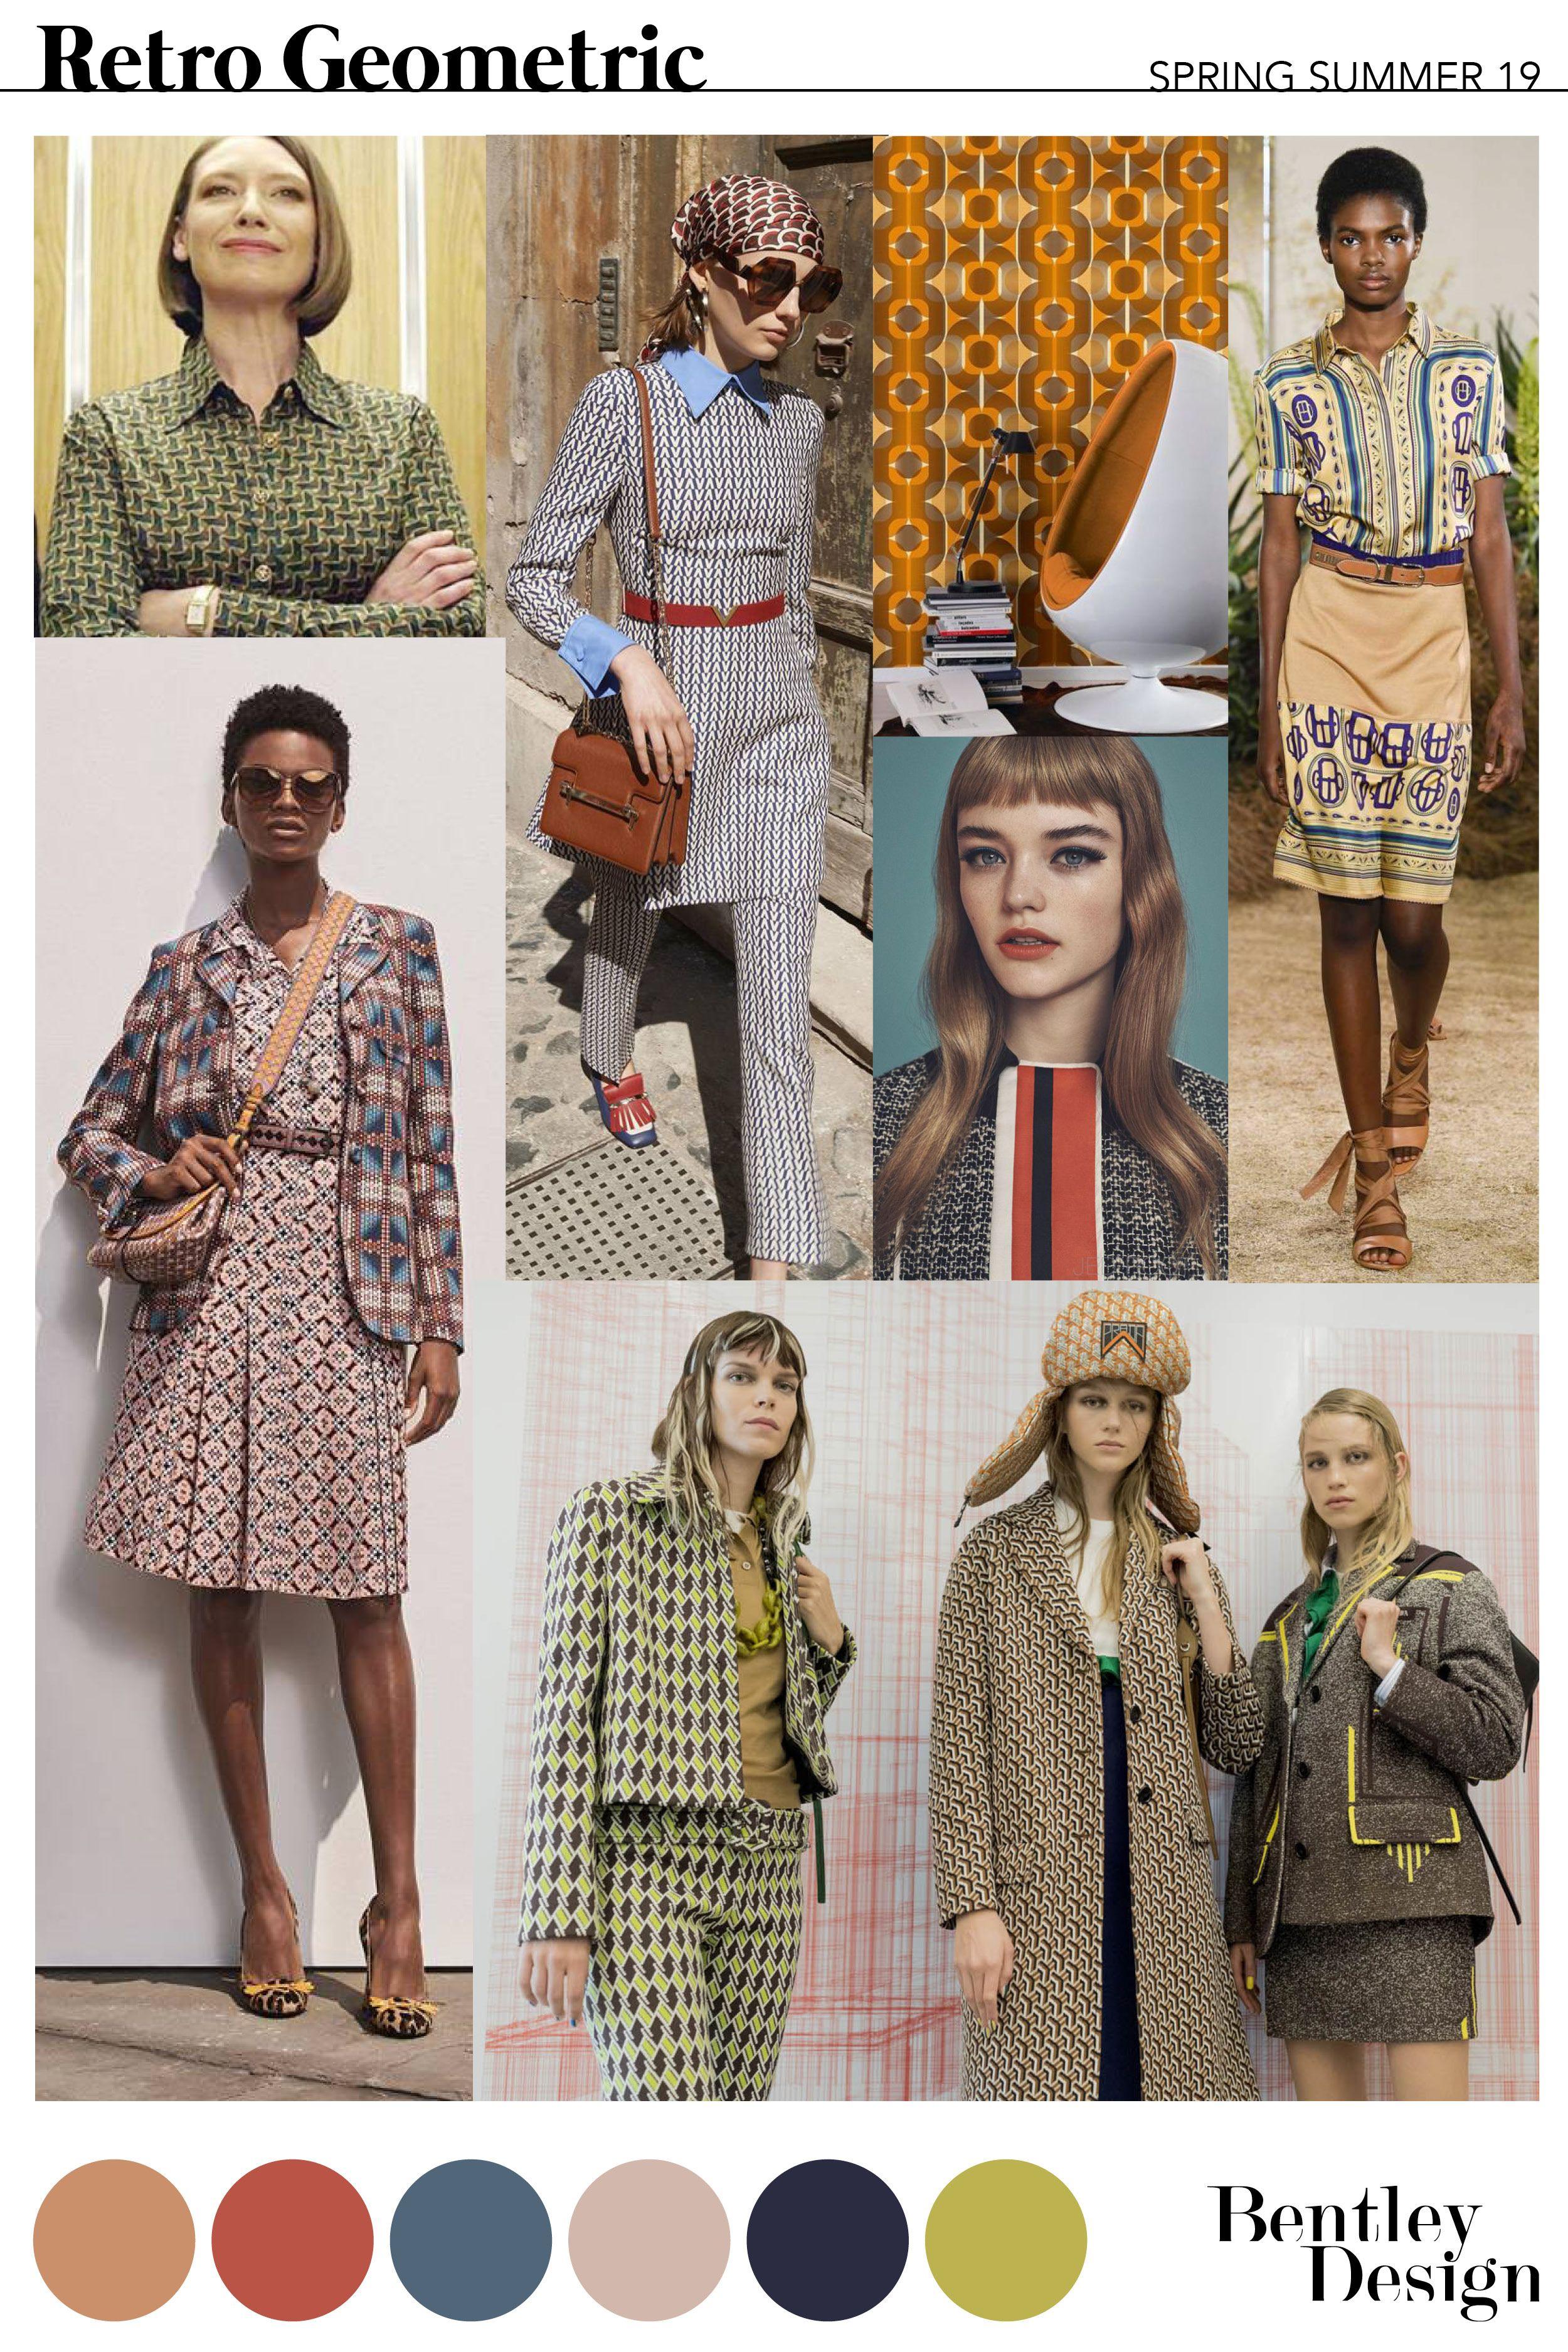 Freelance Fashion Designer Ss19 Retro Geometric Fashion Trend